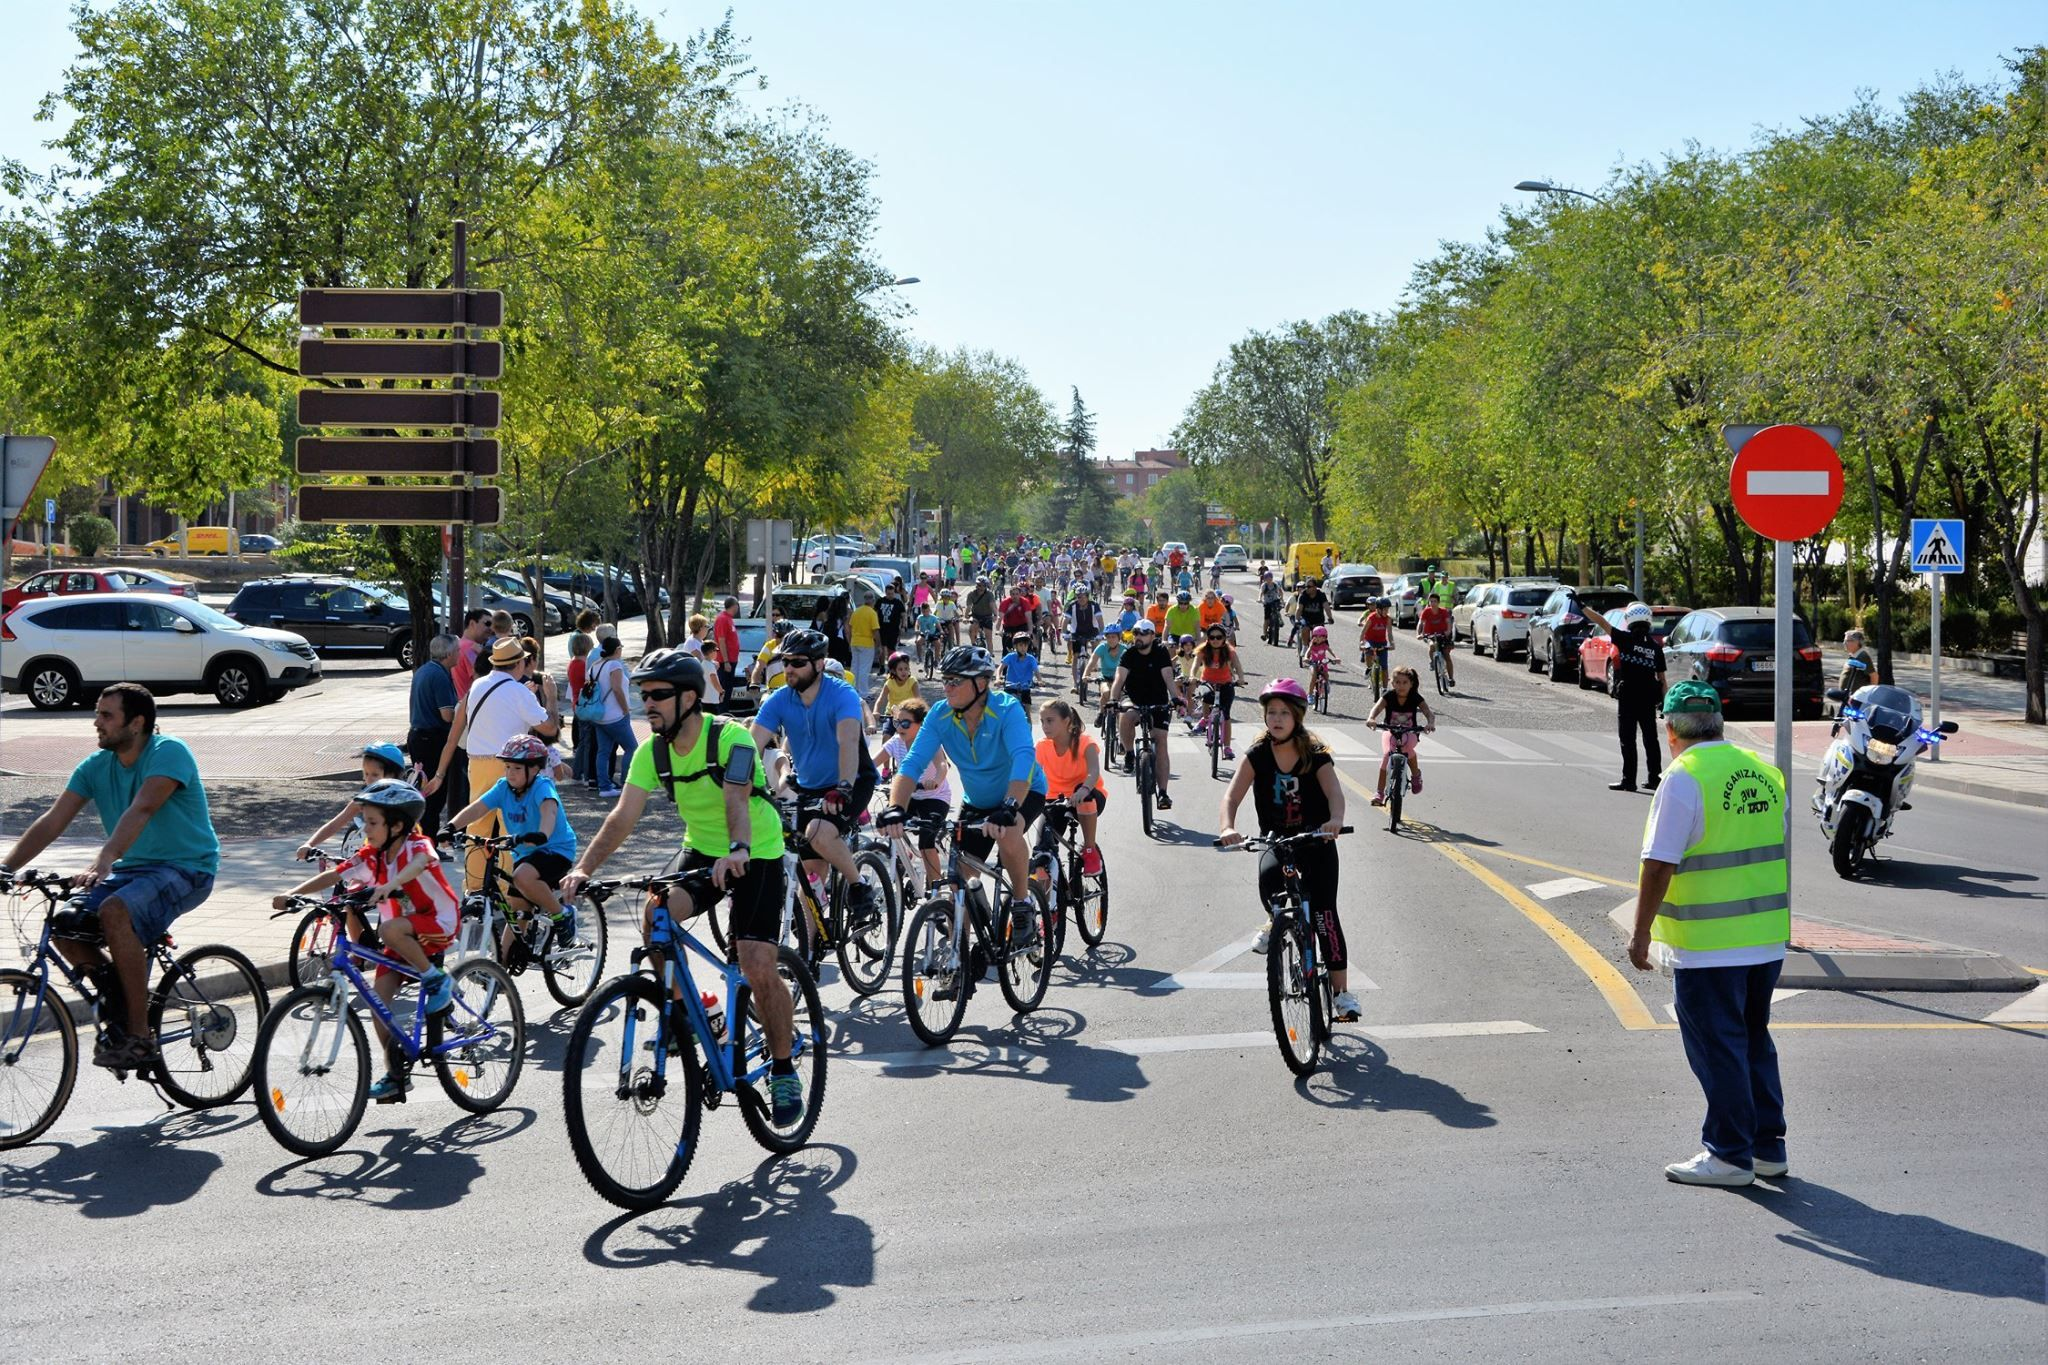 Bonilla Motor patrocina el día de la bicicleta en Santa María de Benquerencia, Toledo